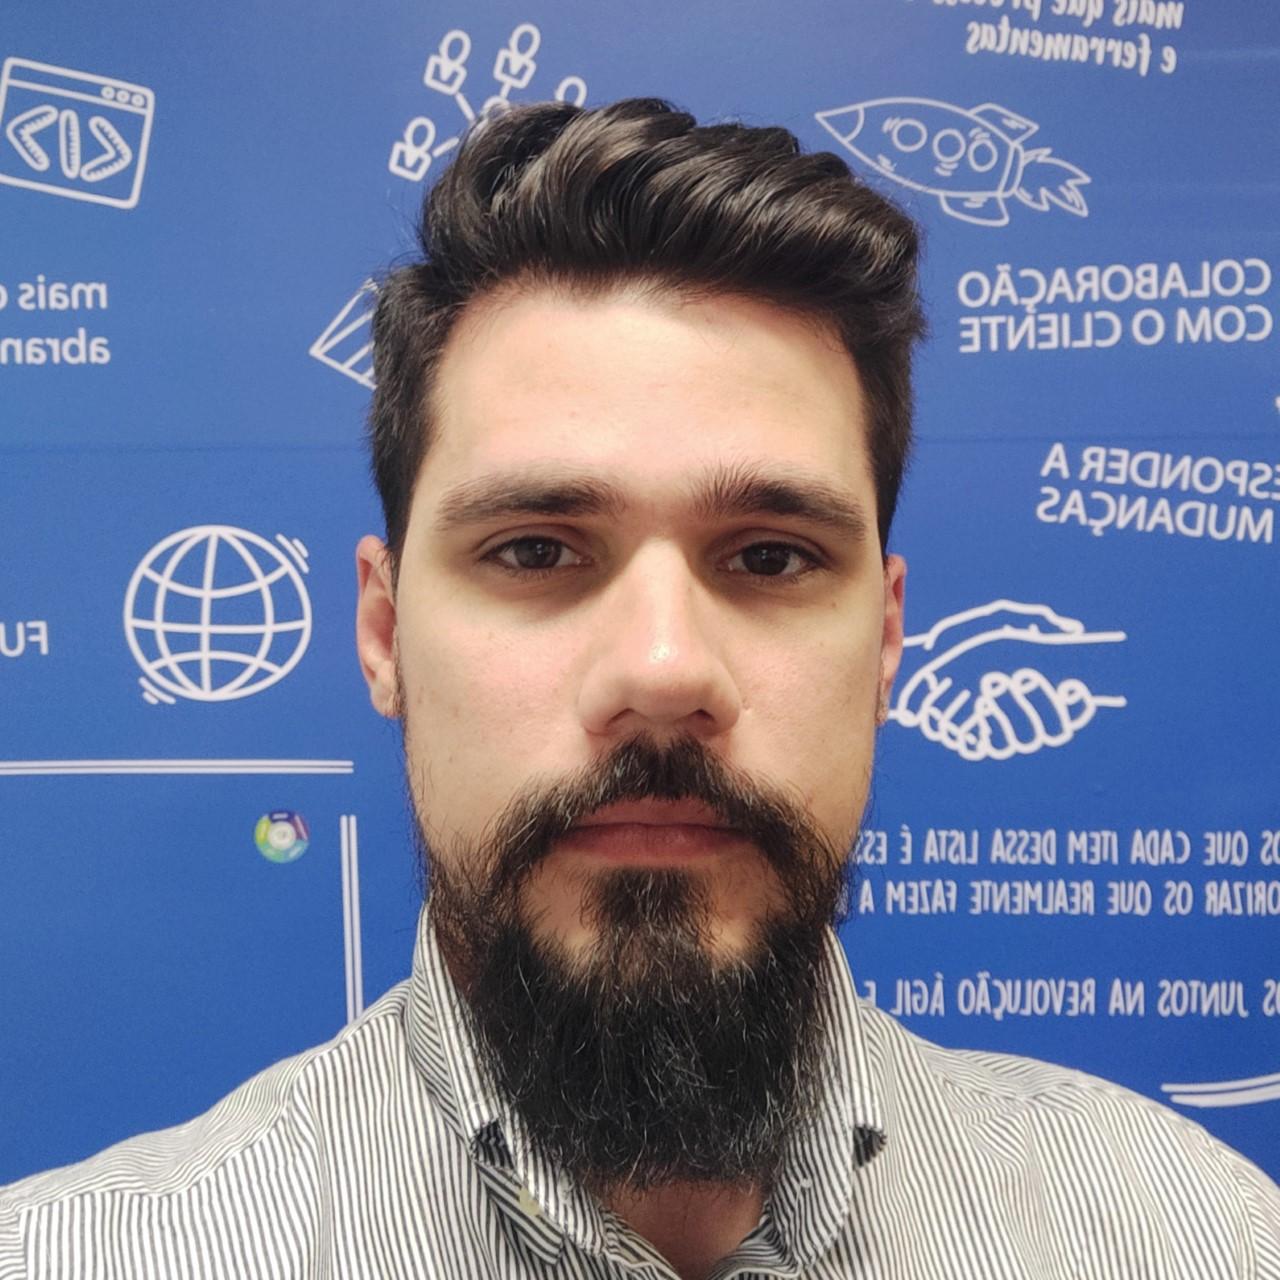 Bruno Ferreira dos Santos